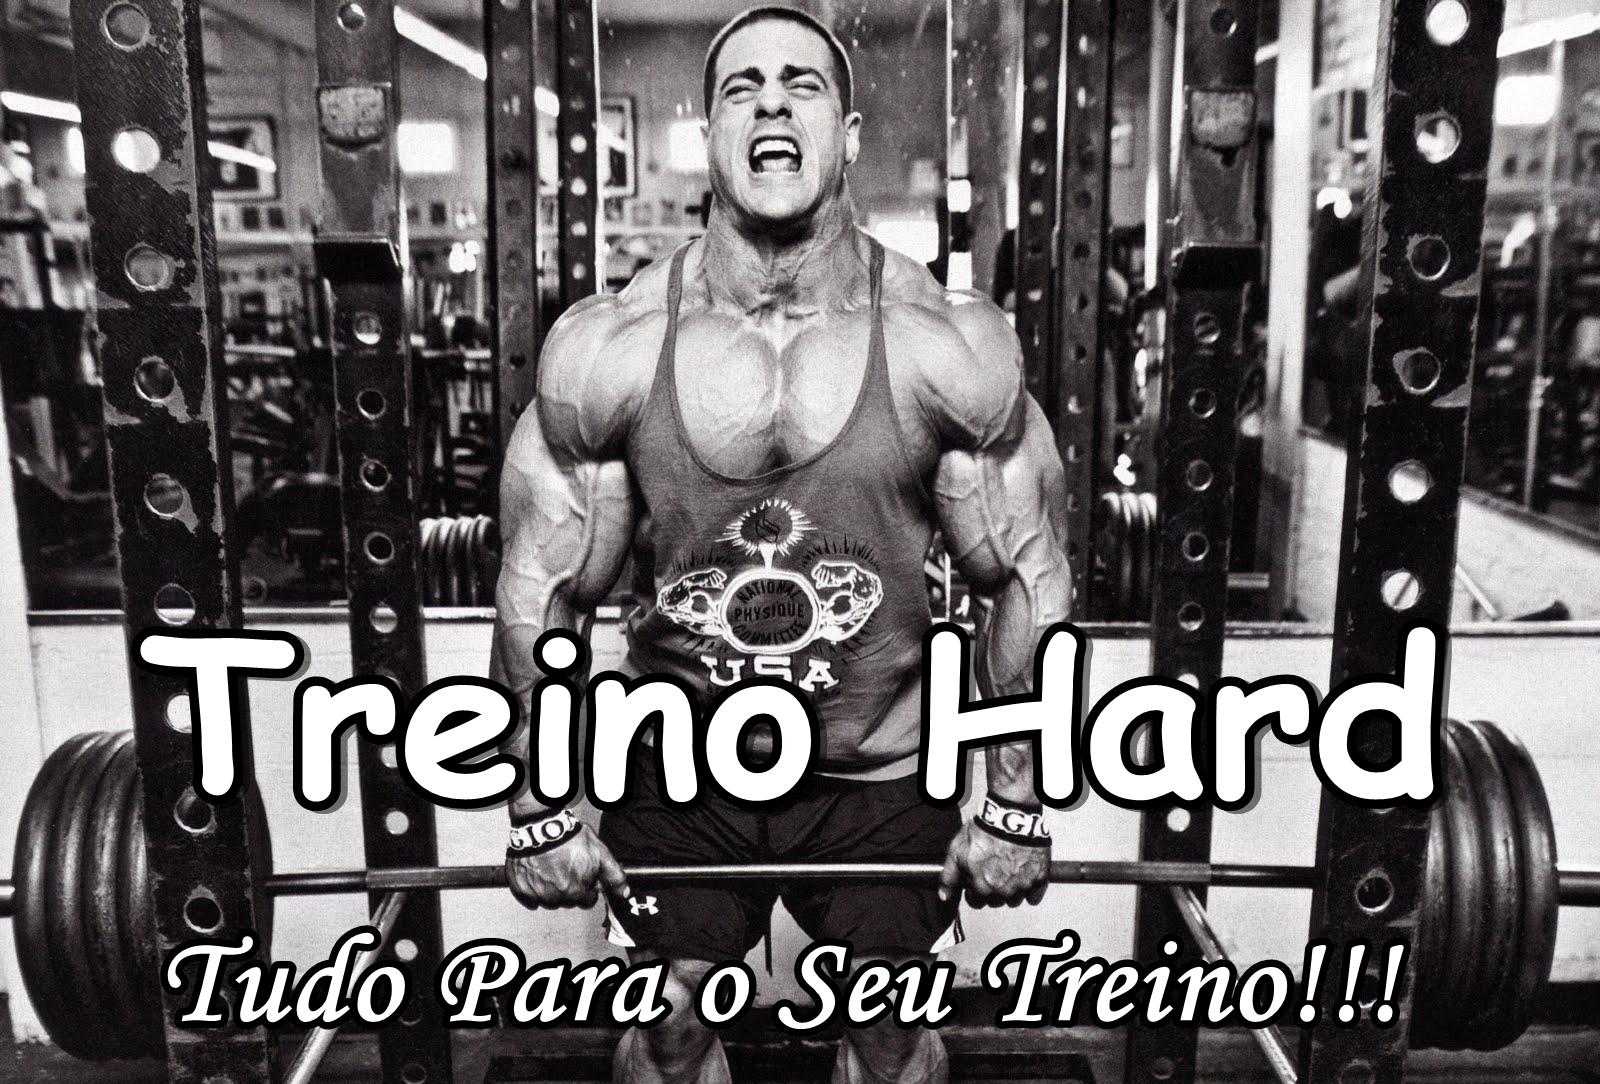 Treino Hard